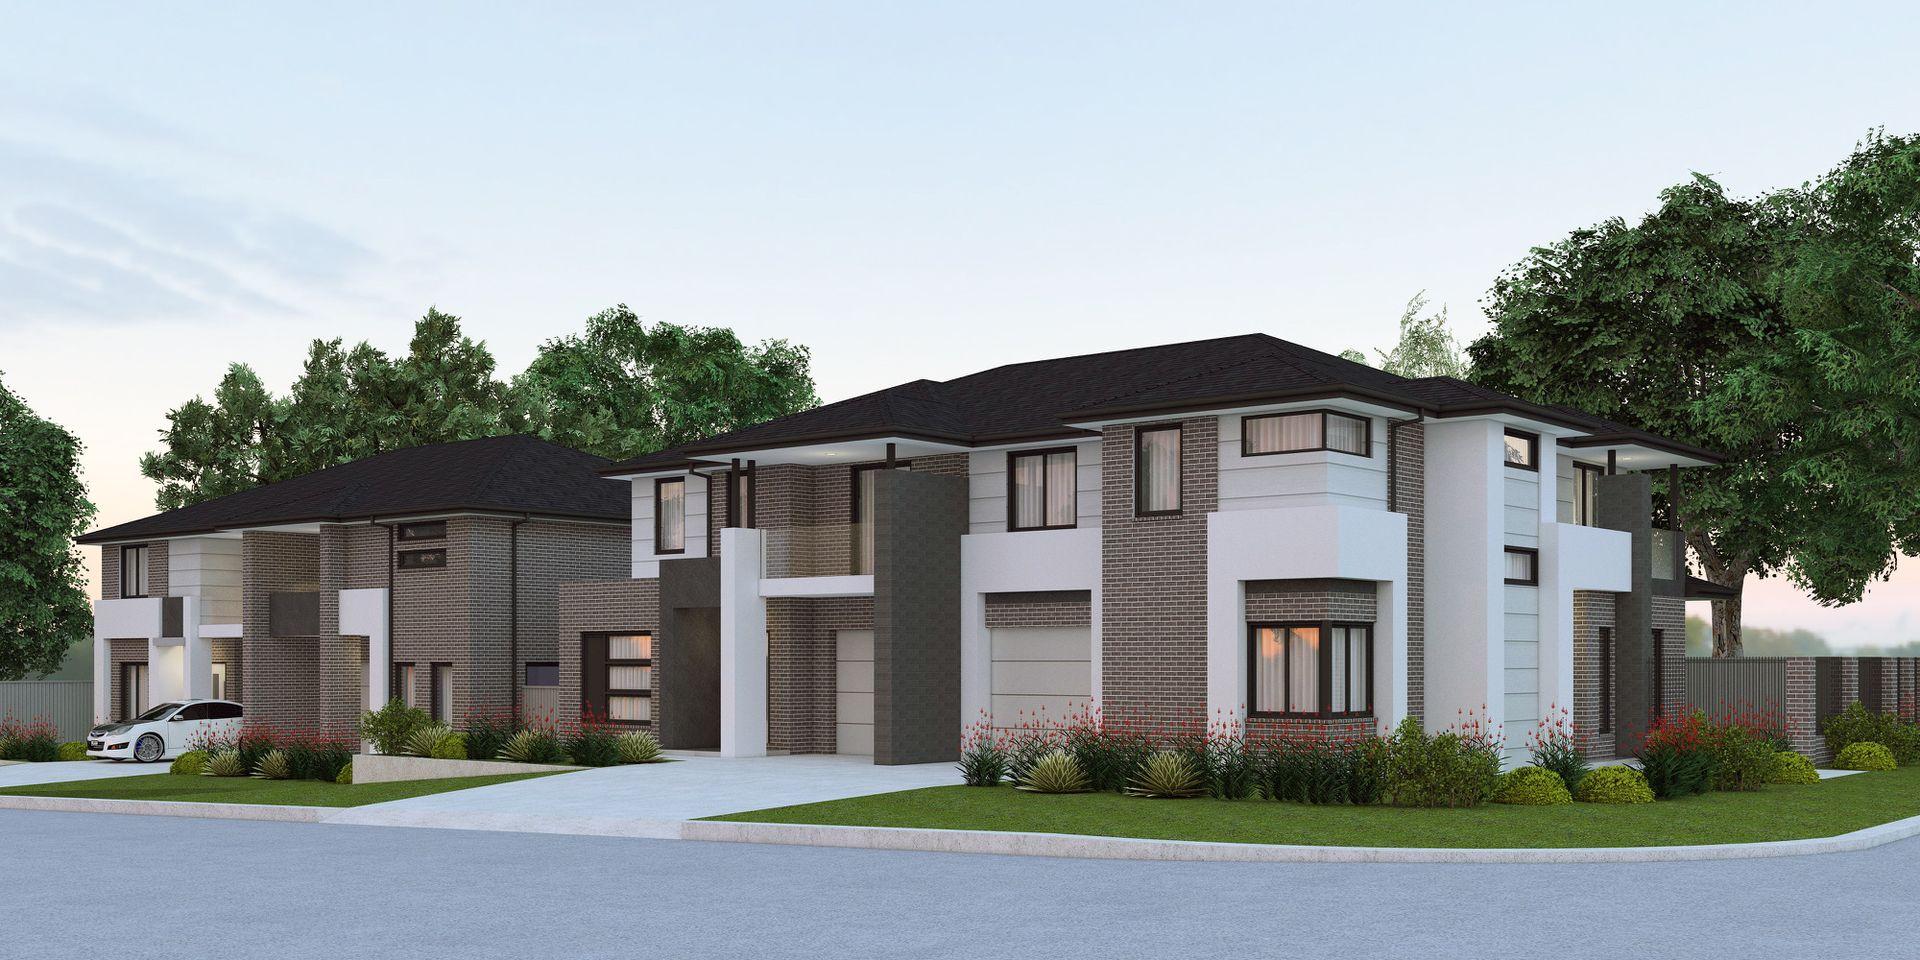 4/80 Oramzi rd, Girraween NSW 2145, Image 0